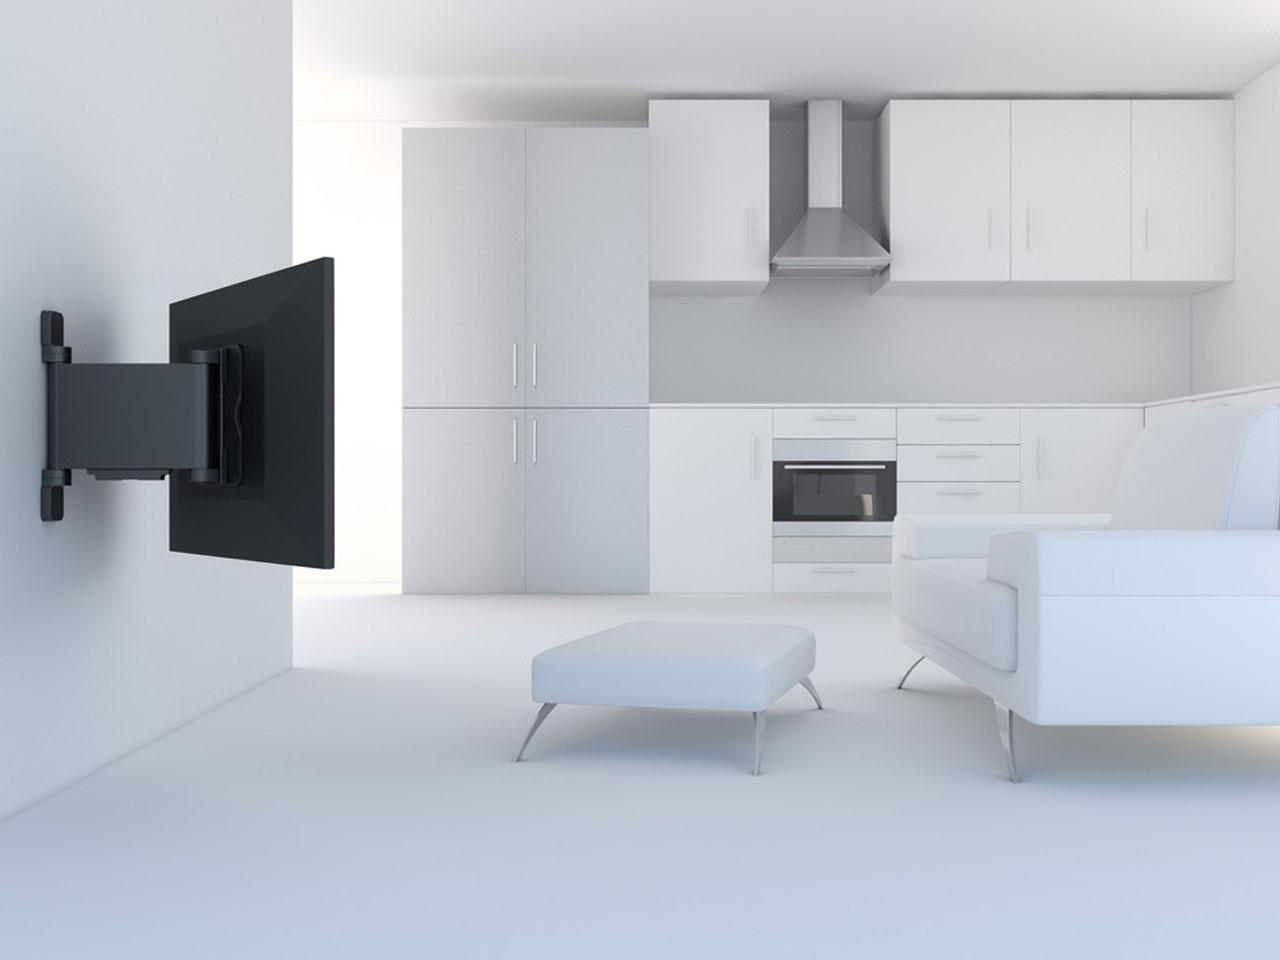 ... Vorschau: Montagebeispiel Motorisierte Elektrische Schwenkbare VESA  TV Wandhalterung 32 55 Zoll ...